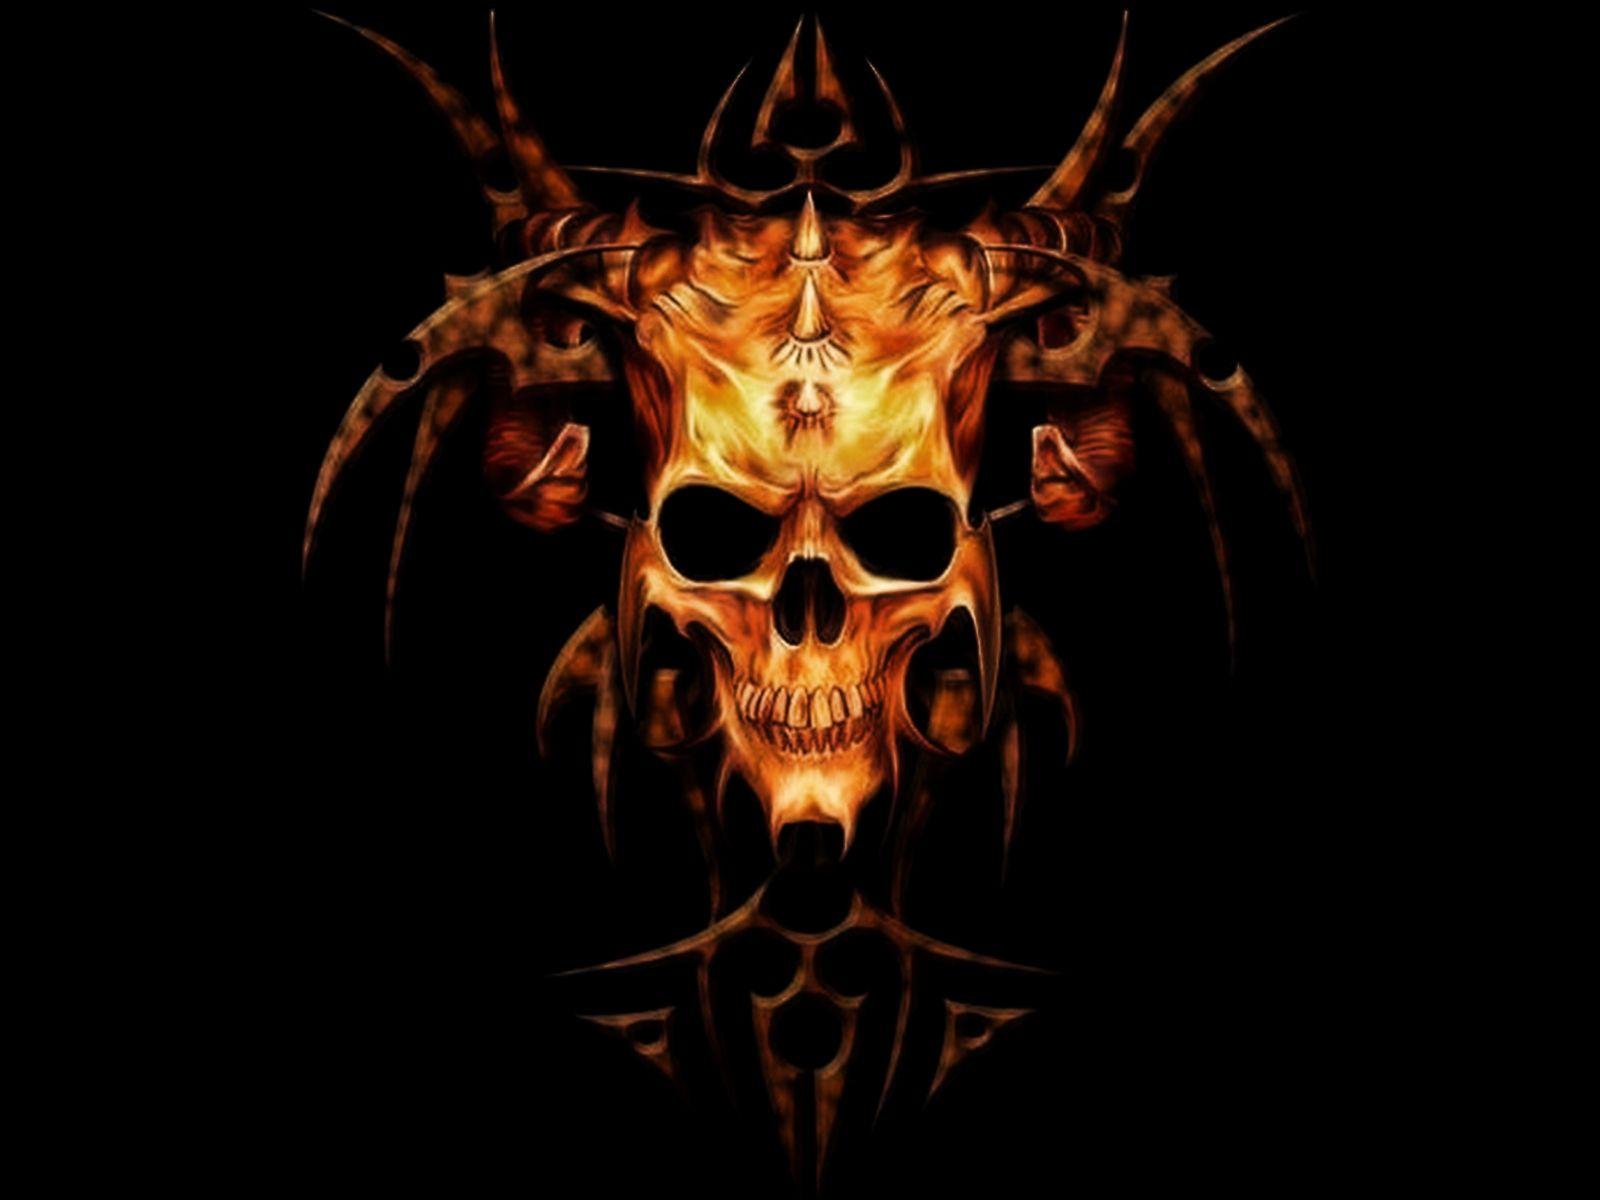 Heavy Metal Artists Alpha Coders Wallpaper Abyss Music Heavy Metal 233981 Skull Wallpaper Skull Skull Pictures